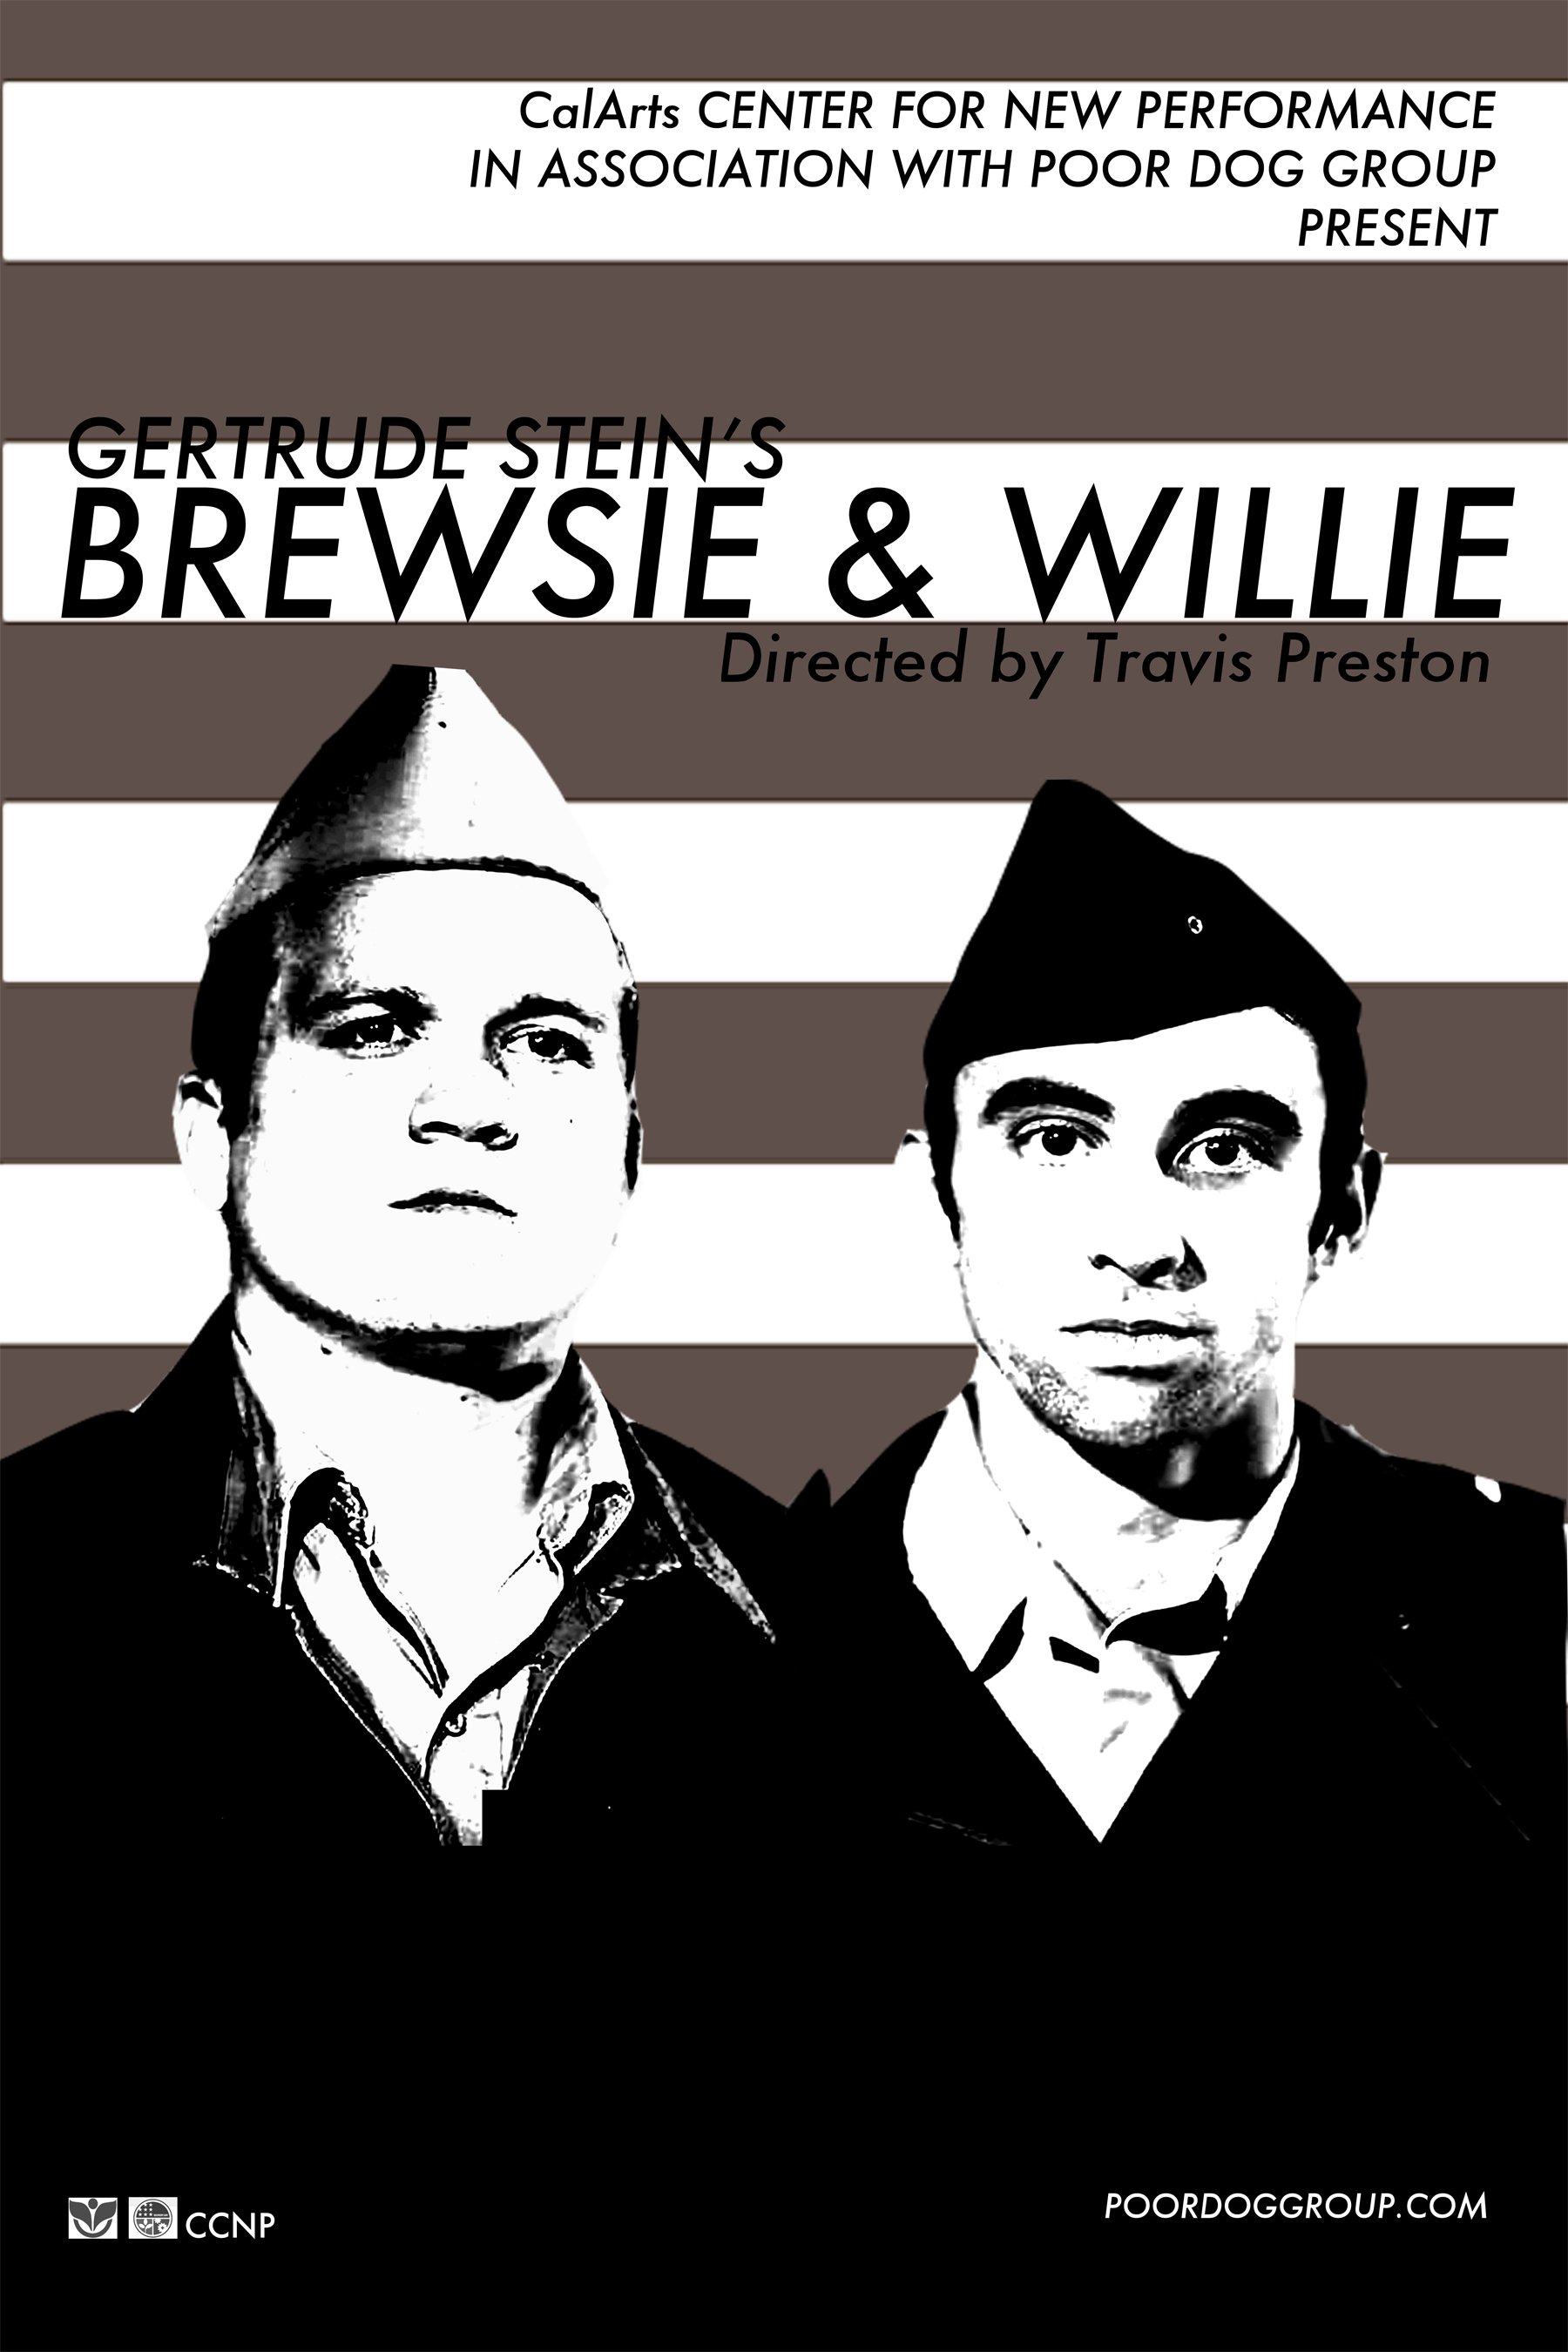 BREWSIE&WILLIE_SMALL POSTER.jpg